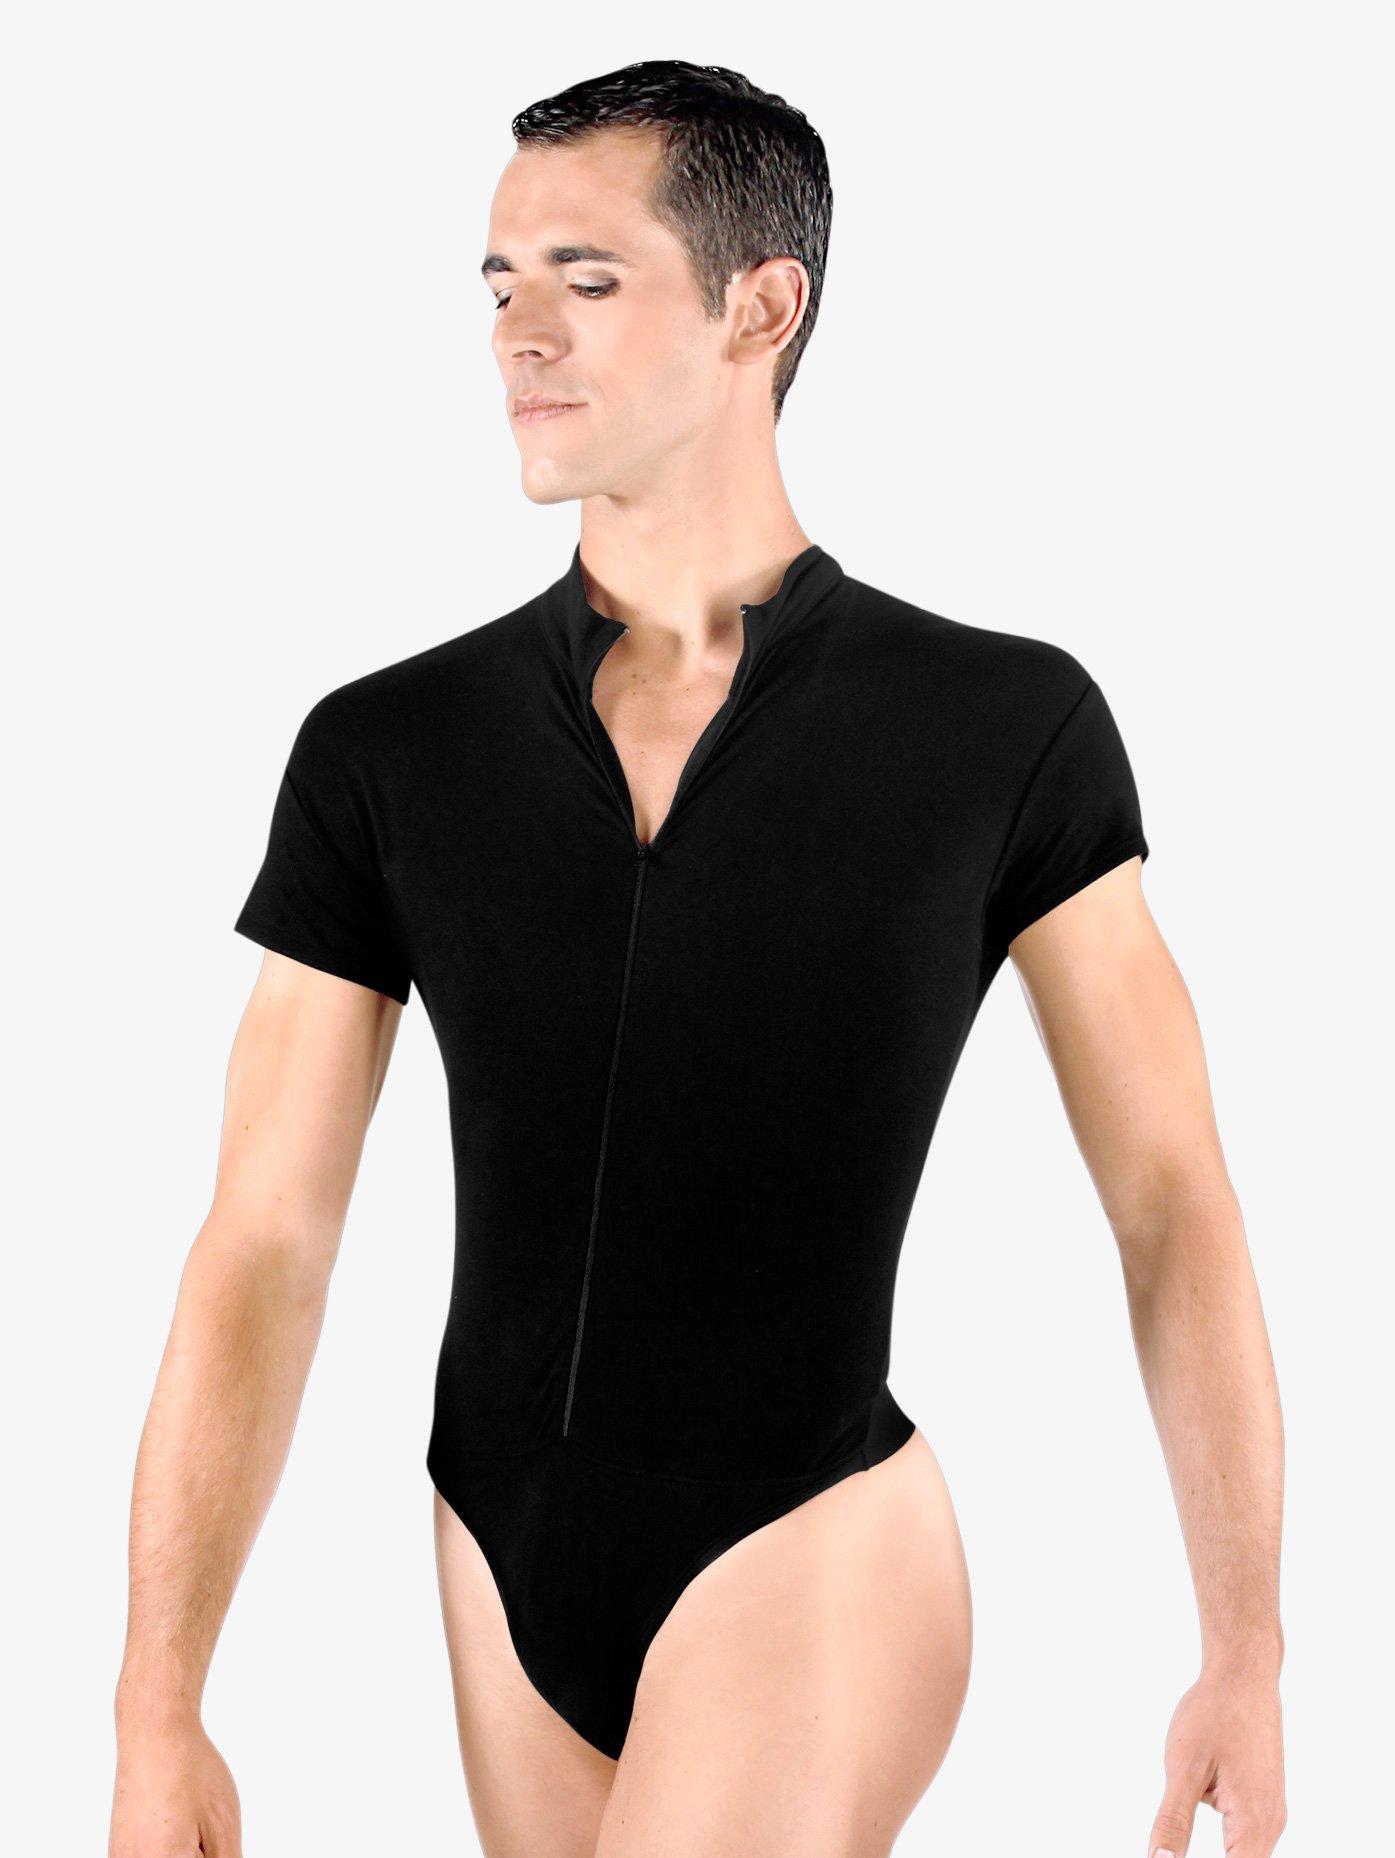 Wear Moi Mens Condor Zip Front Leotard with Built-In Dance Belt WM122